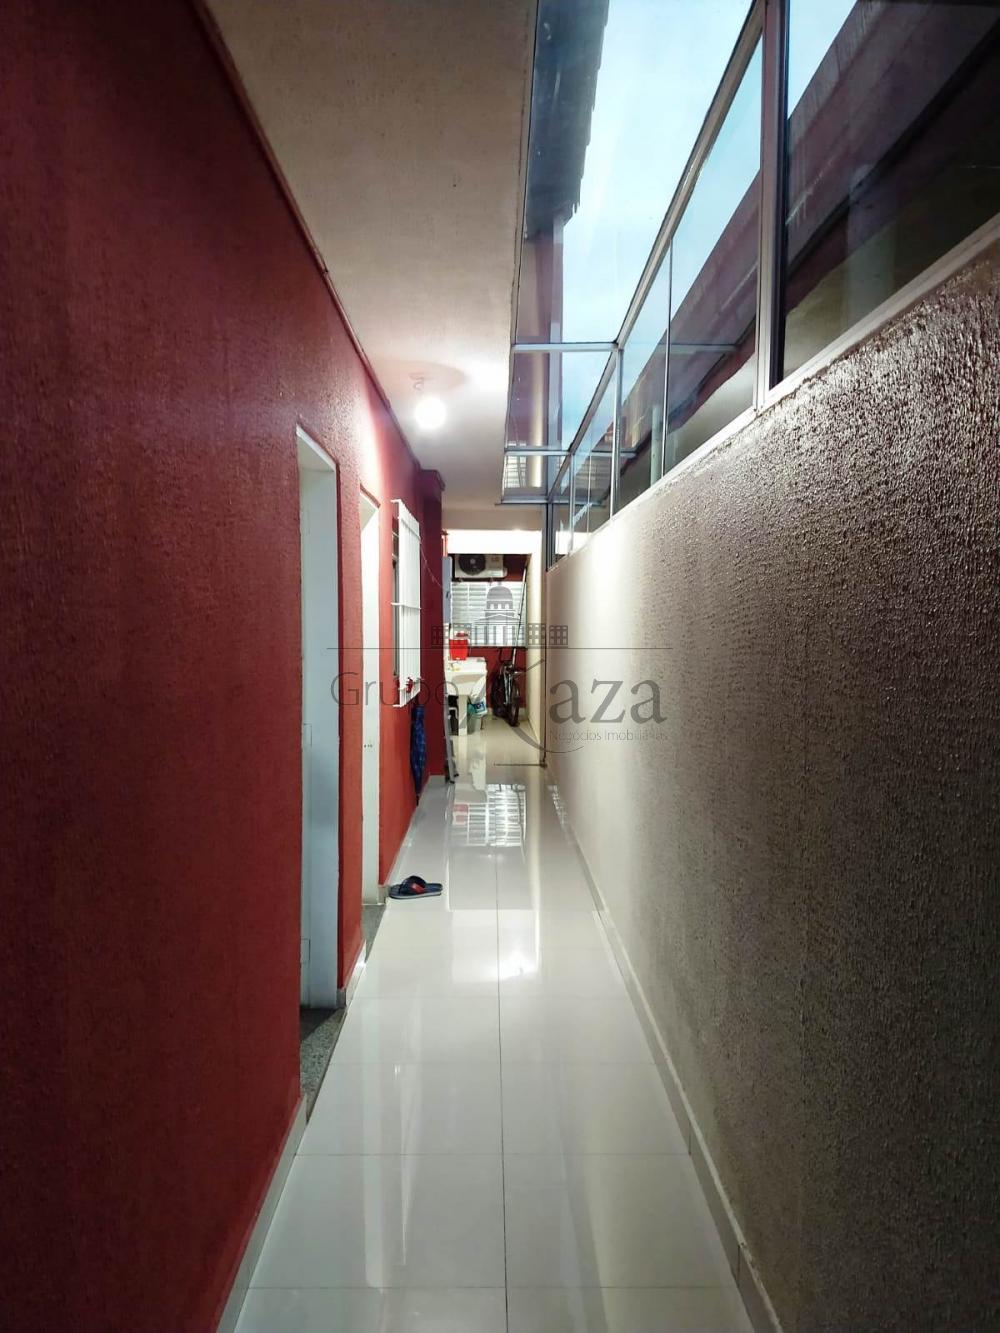 alt='Comprar Casa / Sobrado em São José dos Campos R$ 390.000,00 - Foto 19' title='Comprar Casa / Sobrado em São José dos Campos R$ 390.000,00 - Foto 19'